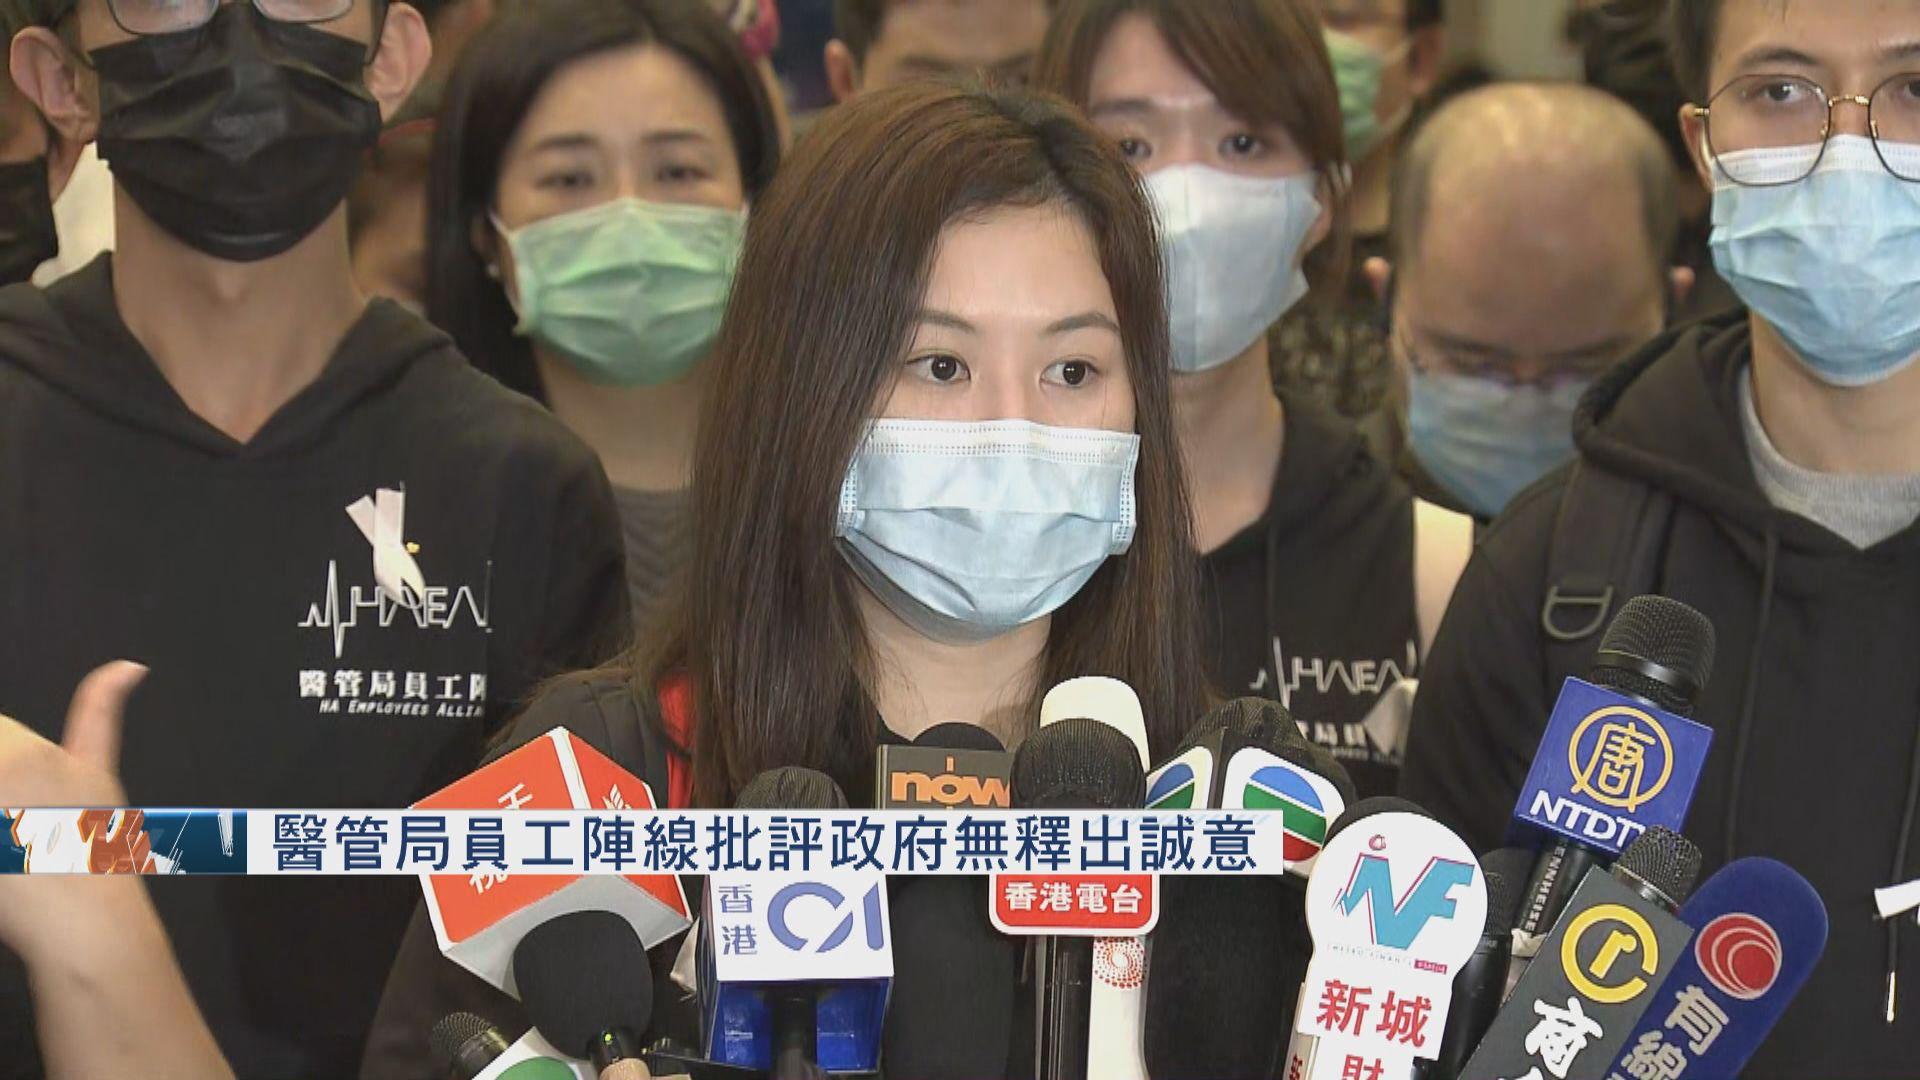 醫管局員工陣線批評政府無釋出誠意